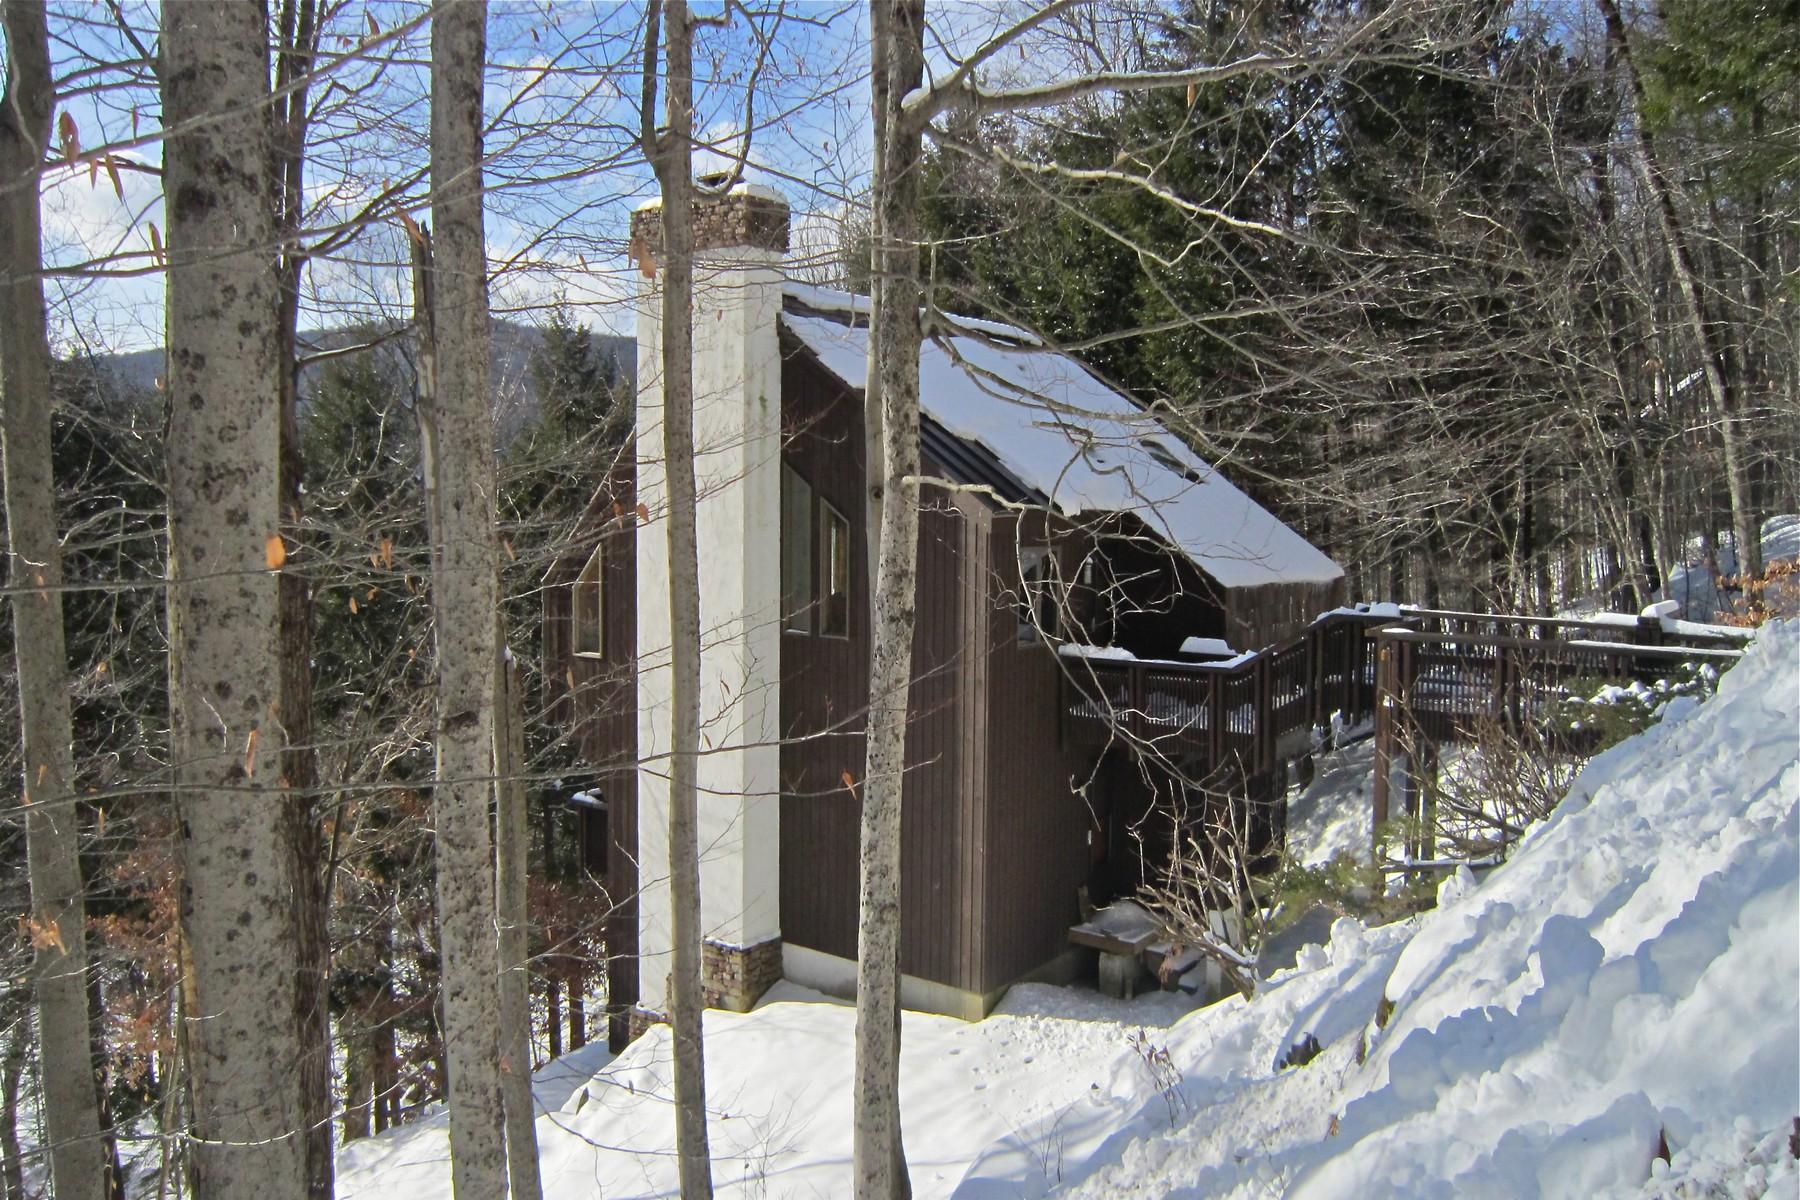 Casa Unifamiliar por un Venta en Unique Hawk HOme 495 Kestrell Dr Plymouth, Vermont, 05056 Estados Unidos